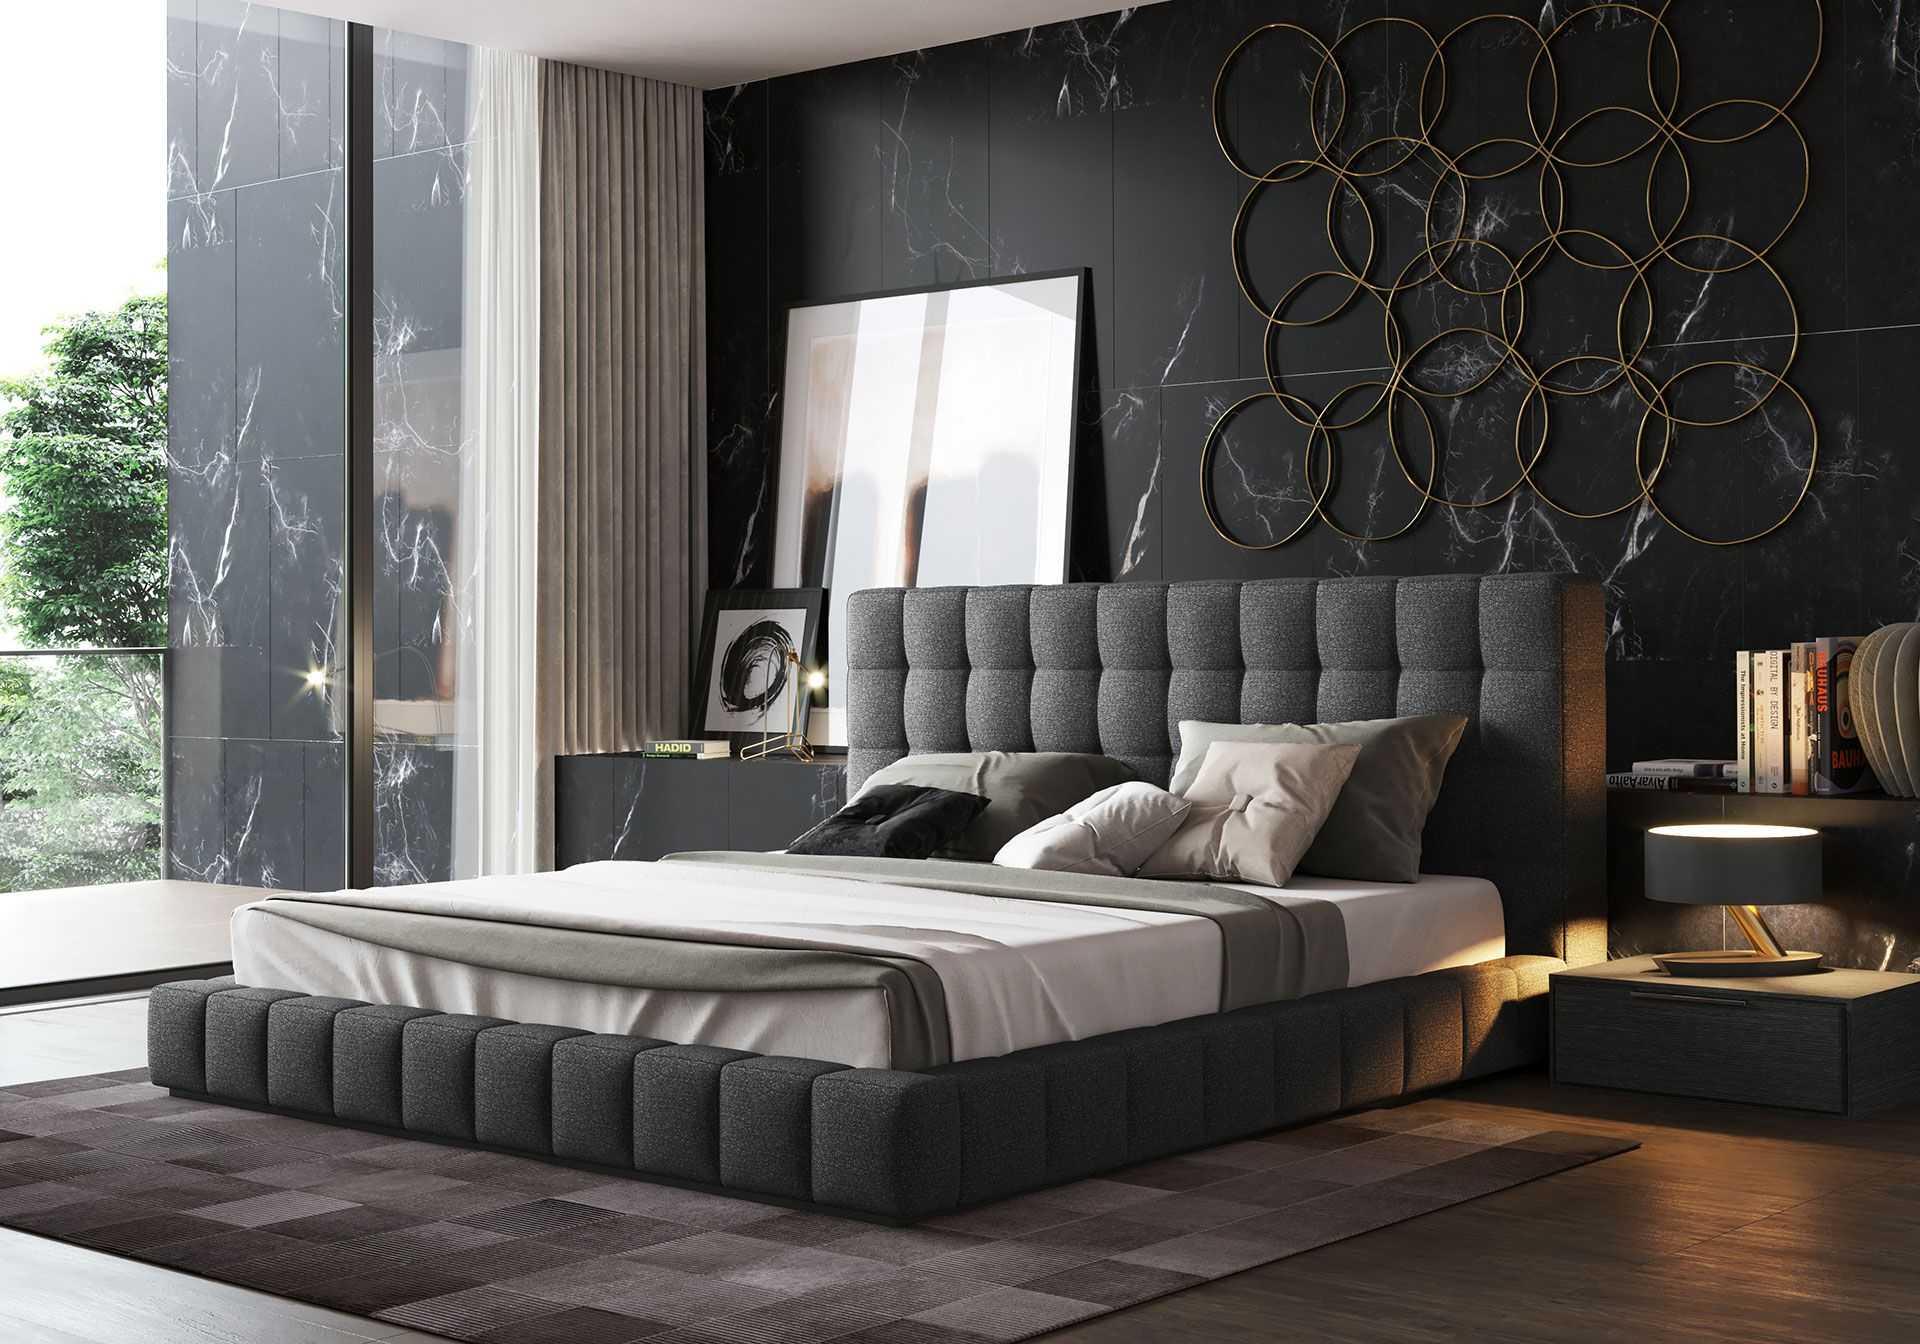 Двуспальная кровать: фото, виды, формы, дизайн, цветовая гамма, стили